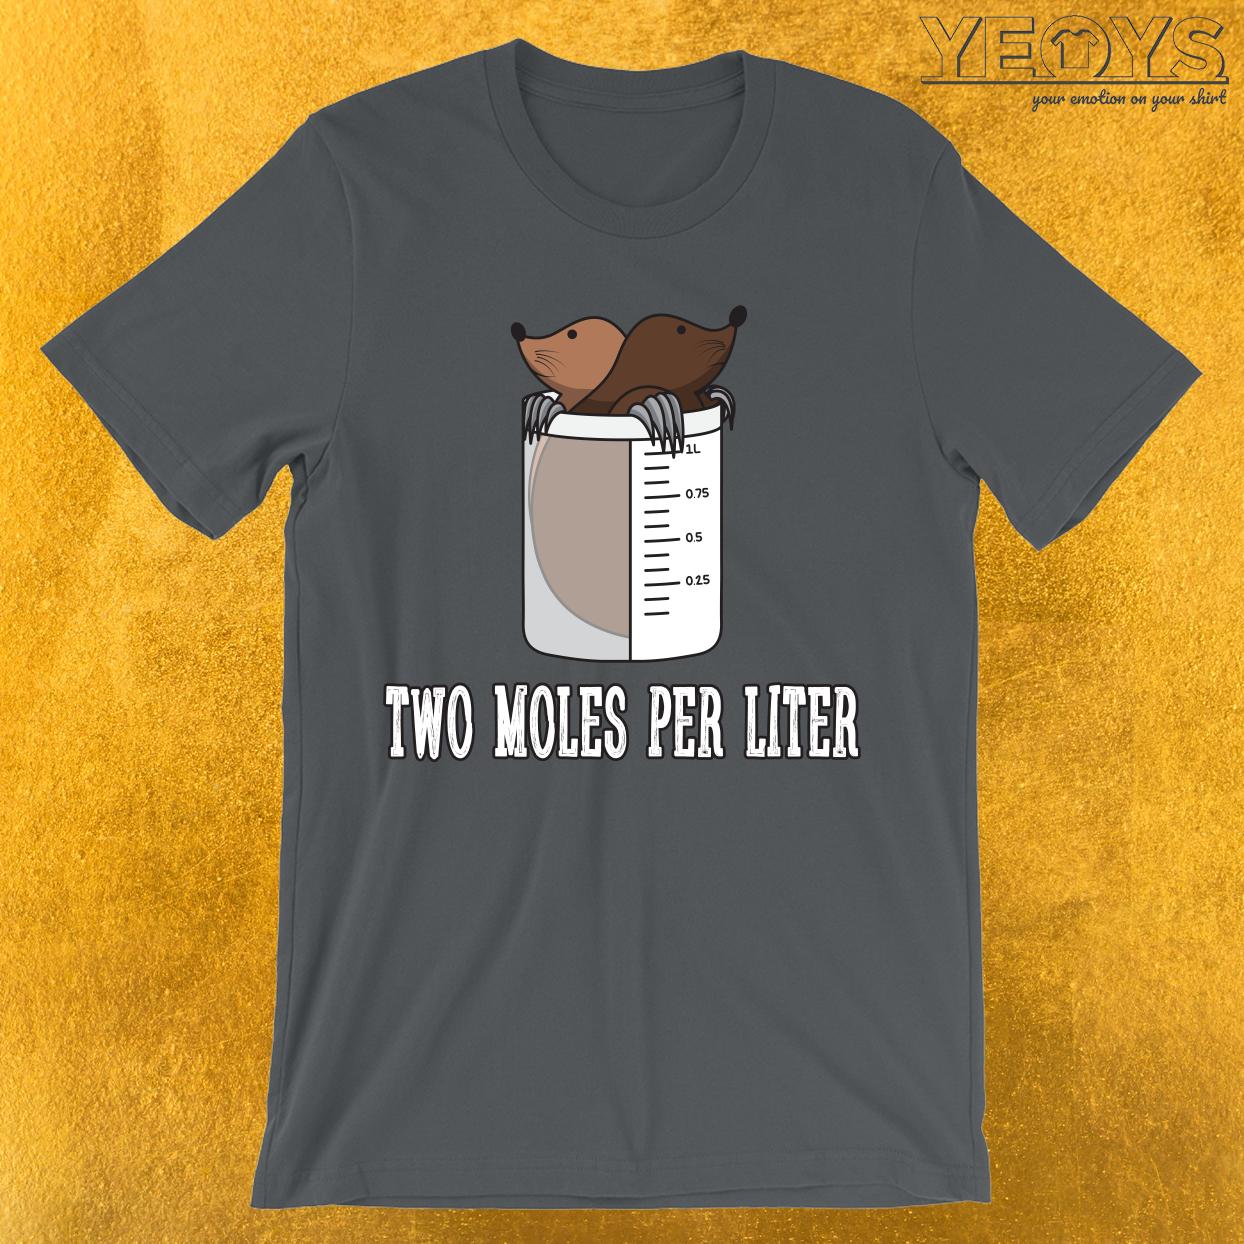 Two Moles Per Liter T-Shirt